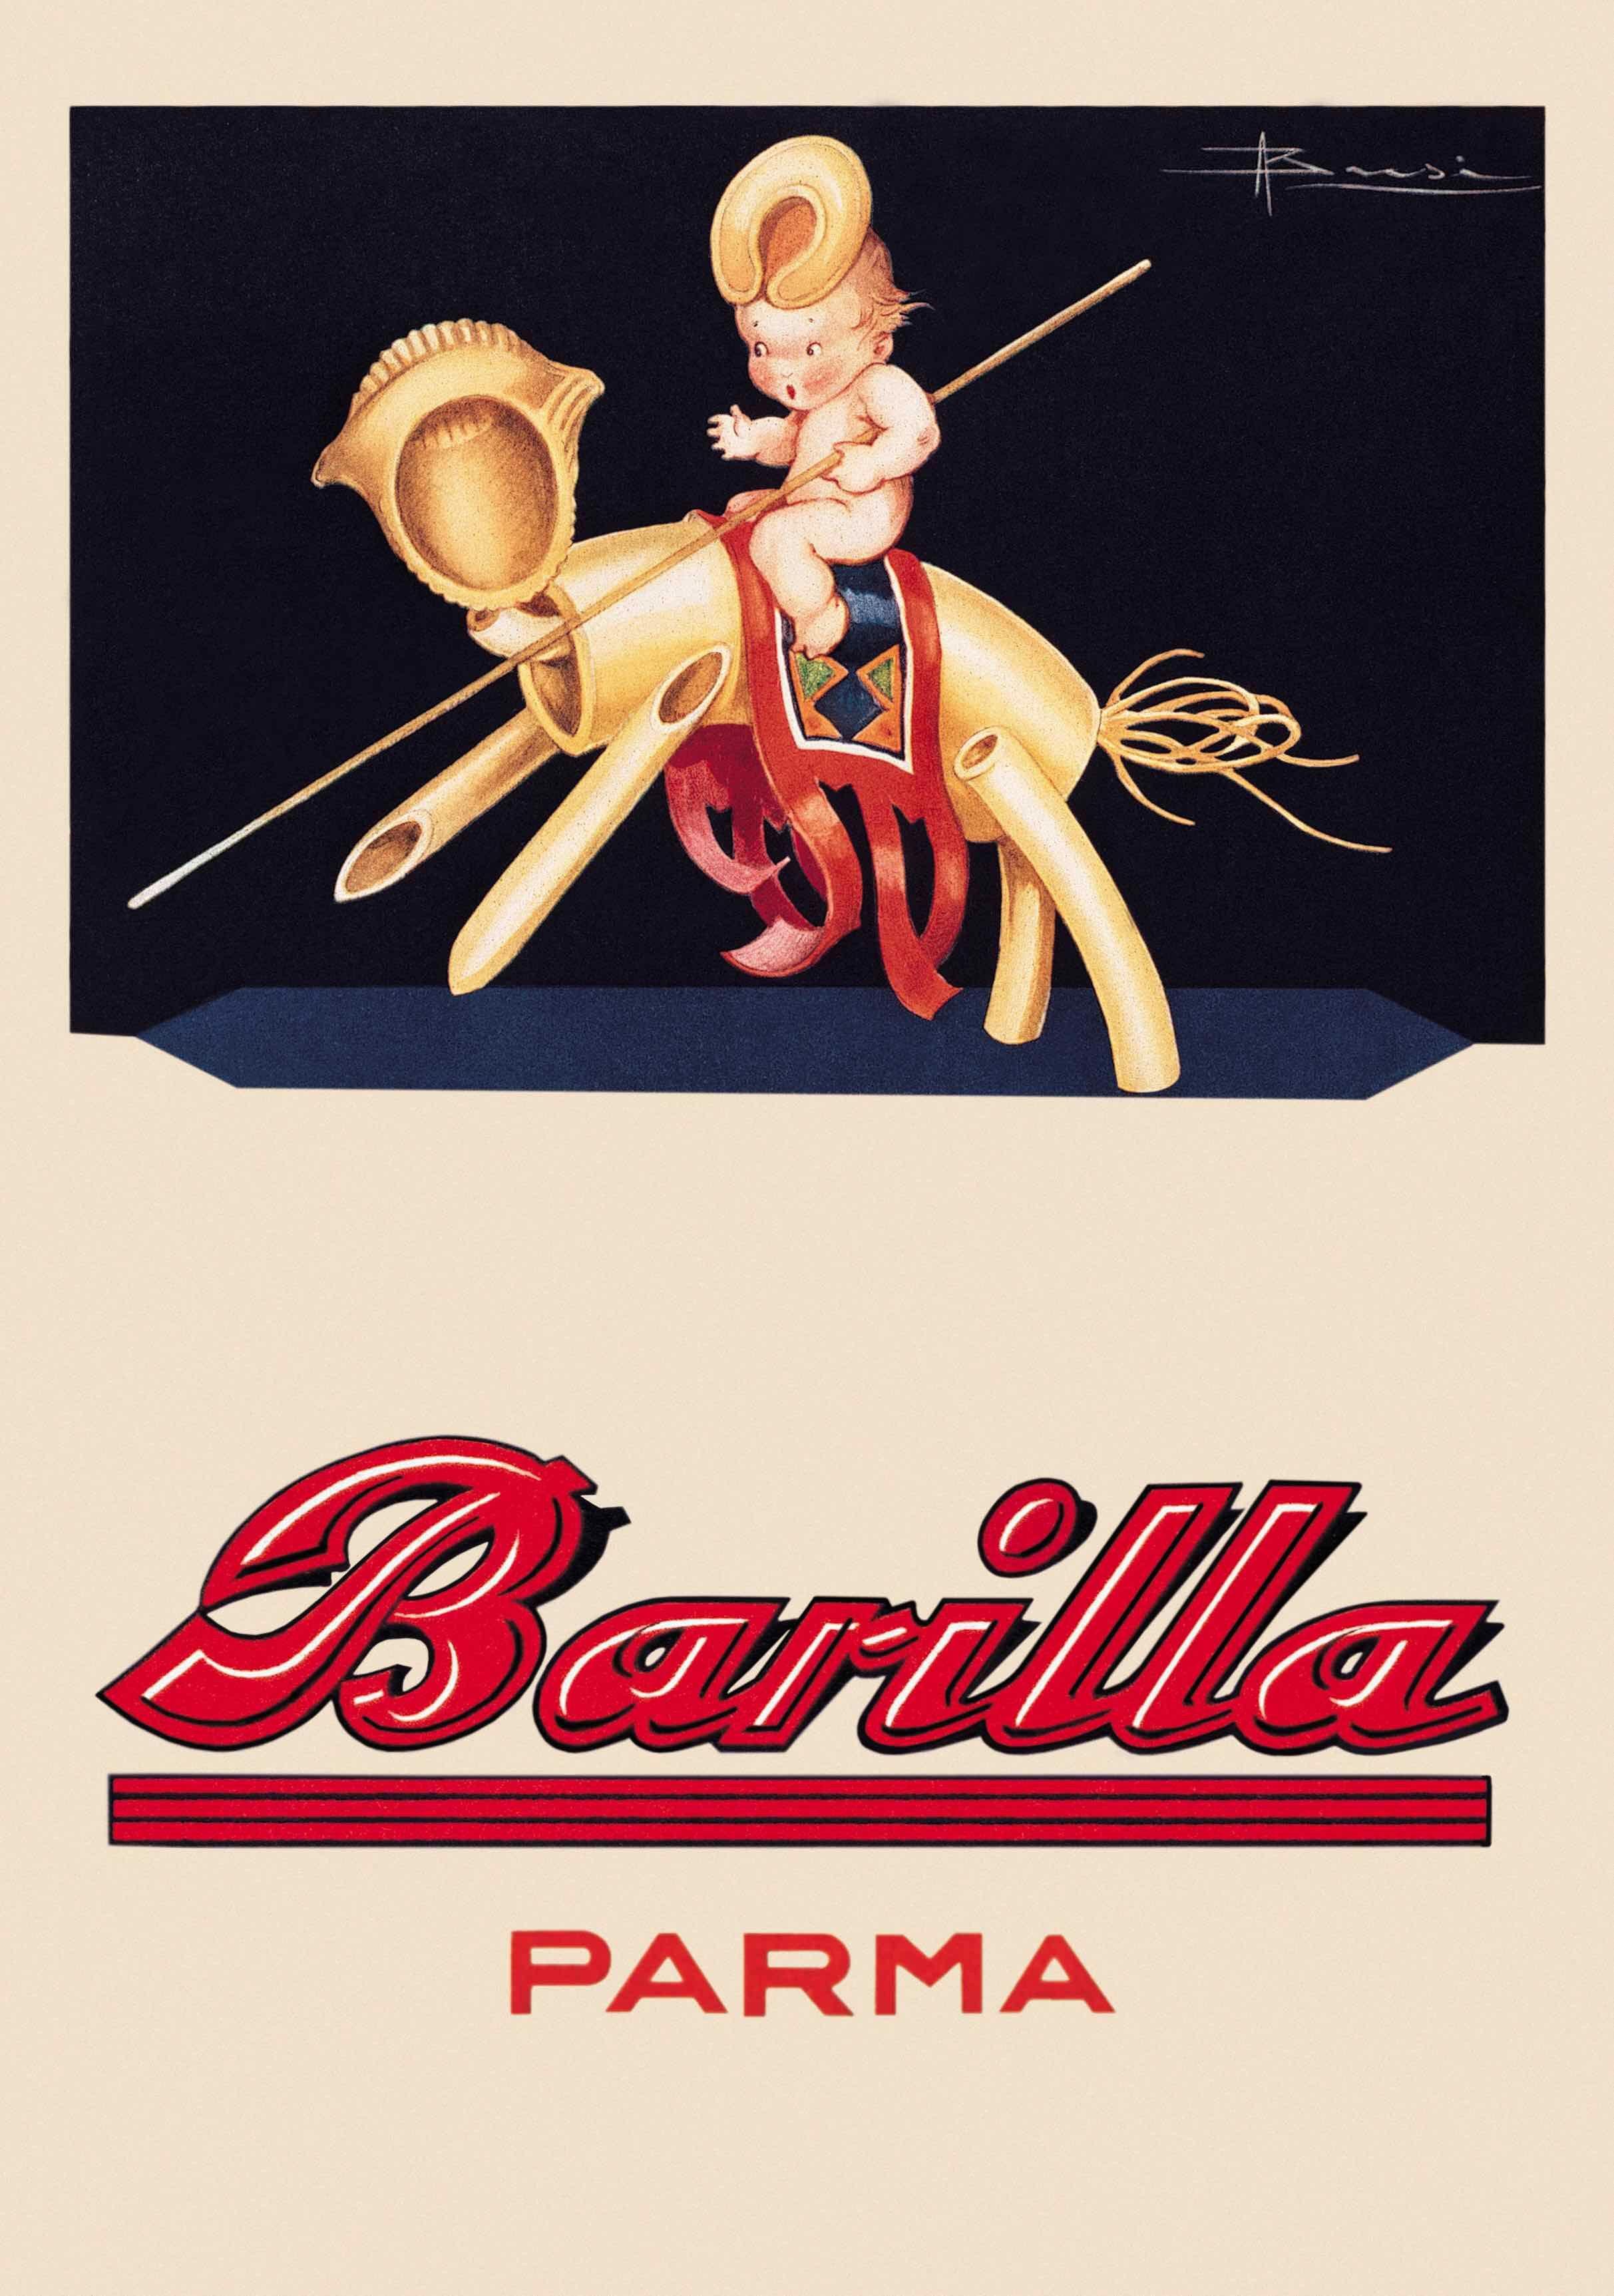 Barilla La Delicata Favola Della Pasta Vintage Advertisements Vintage Posters Retro Ads